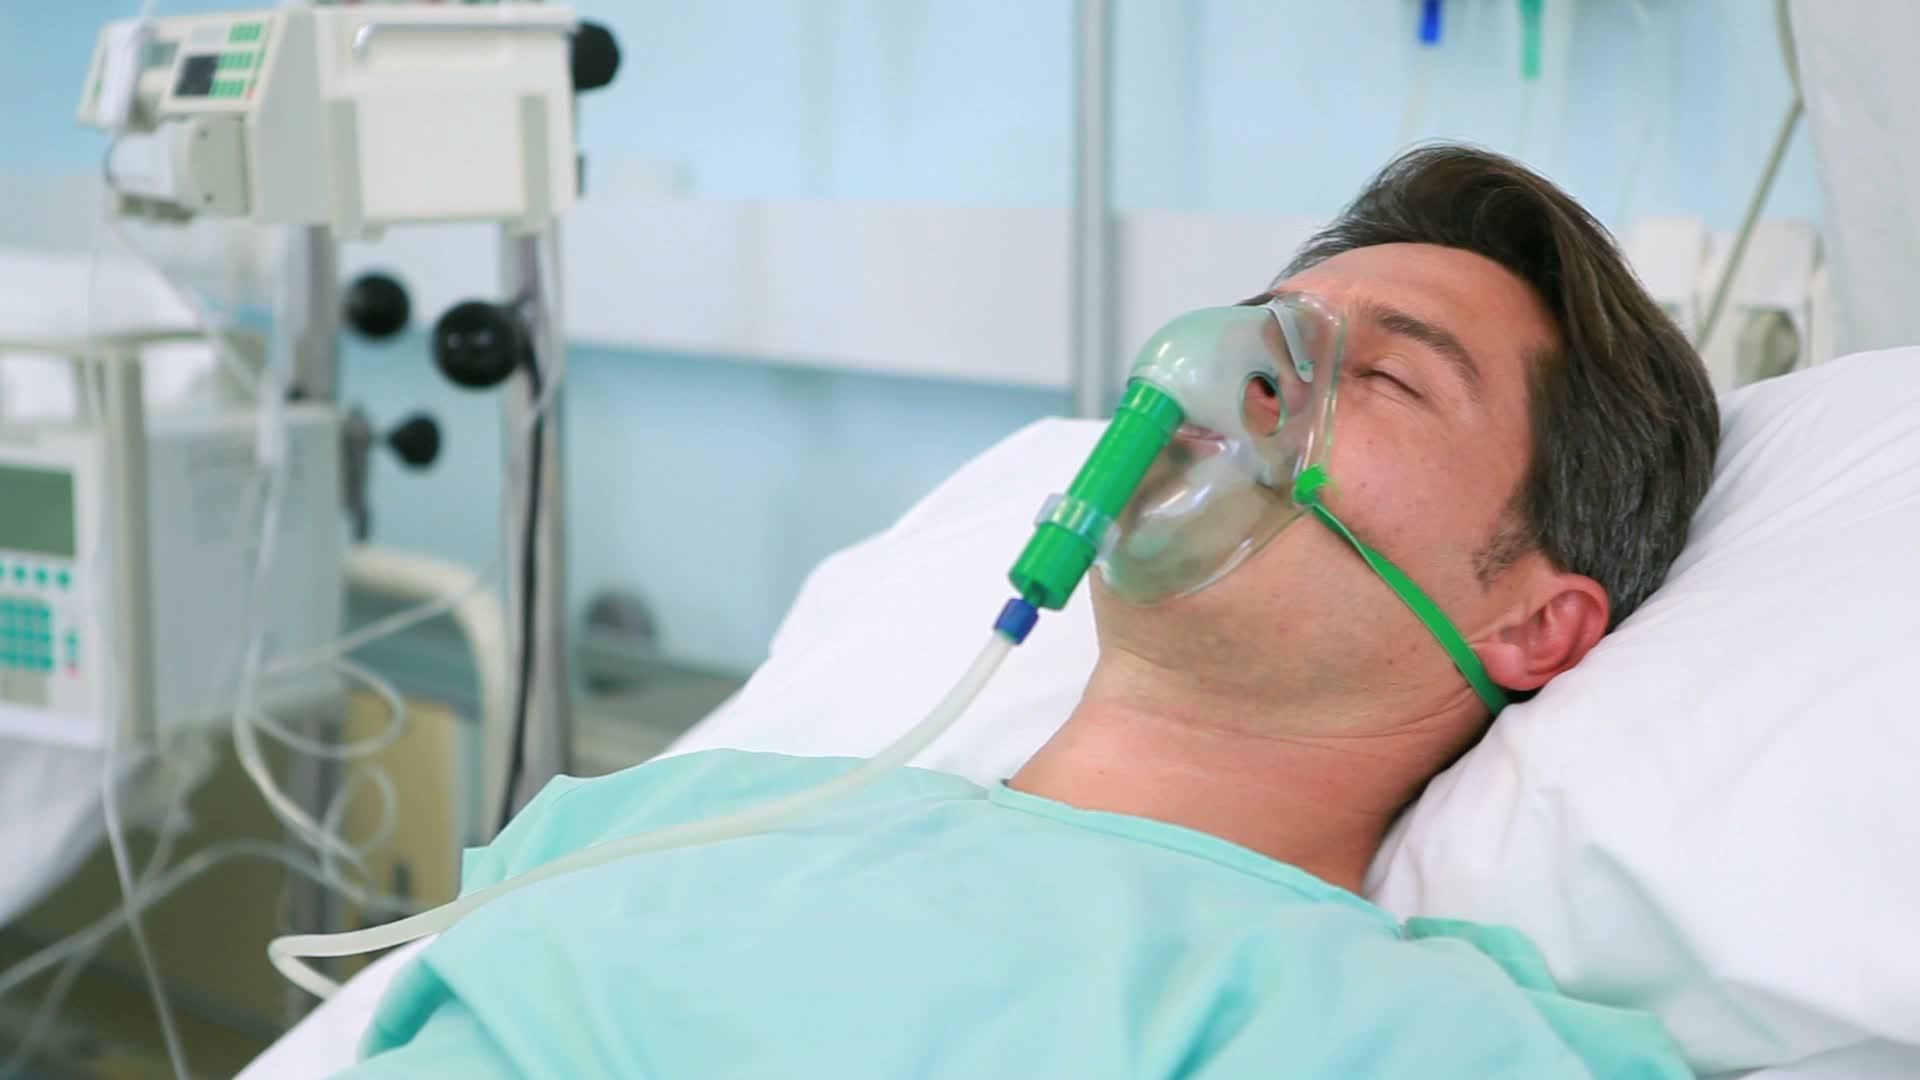 Необходимая  информация  об  остром  респираторном  дистресс-синдроме